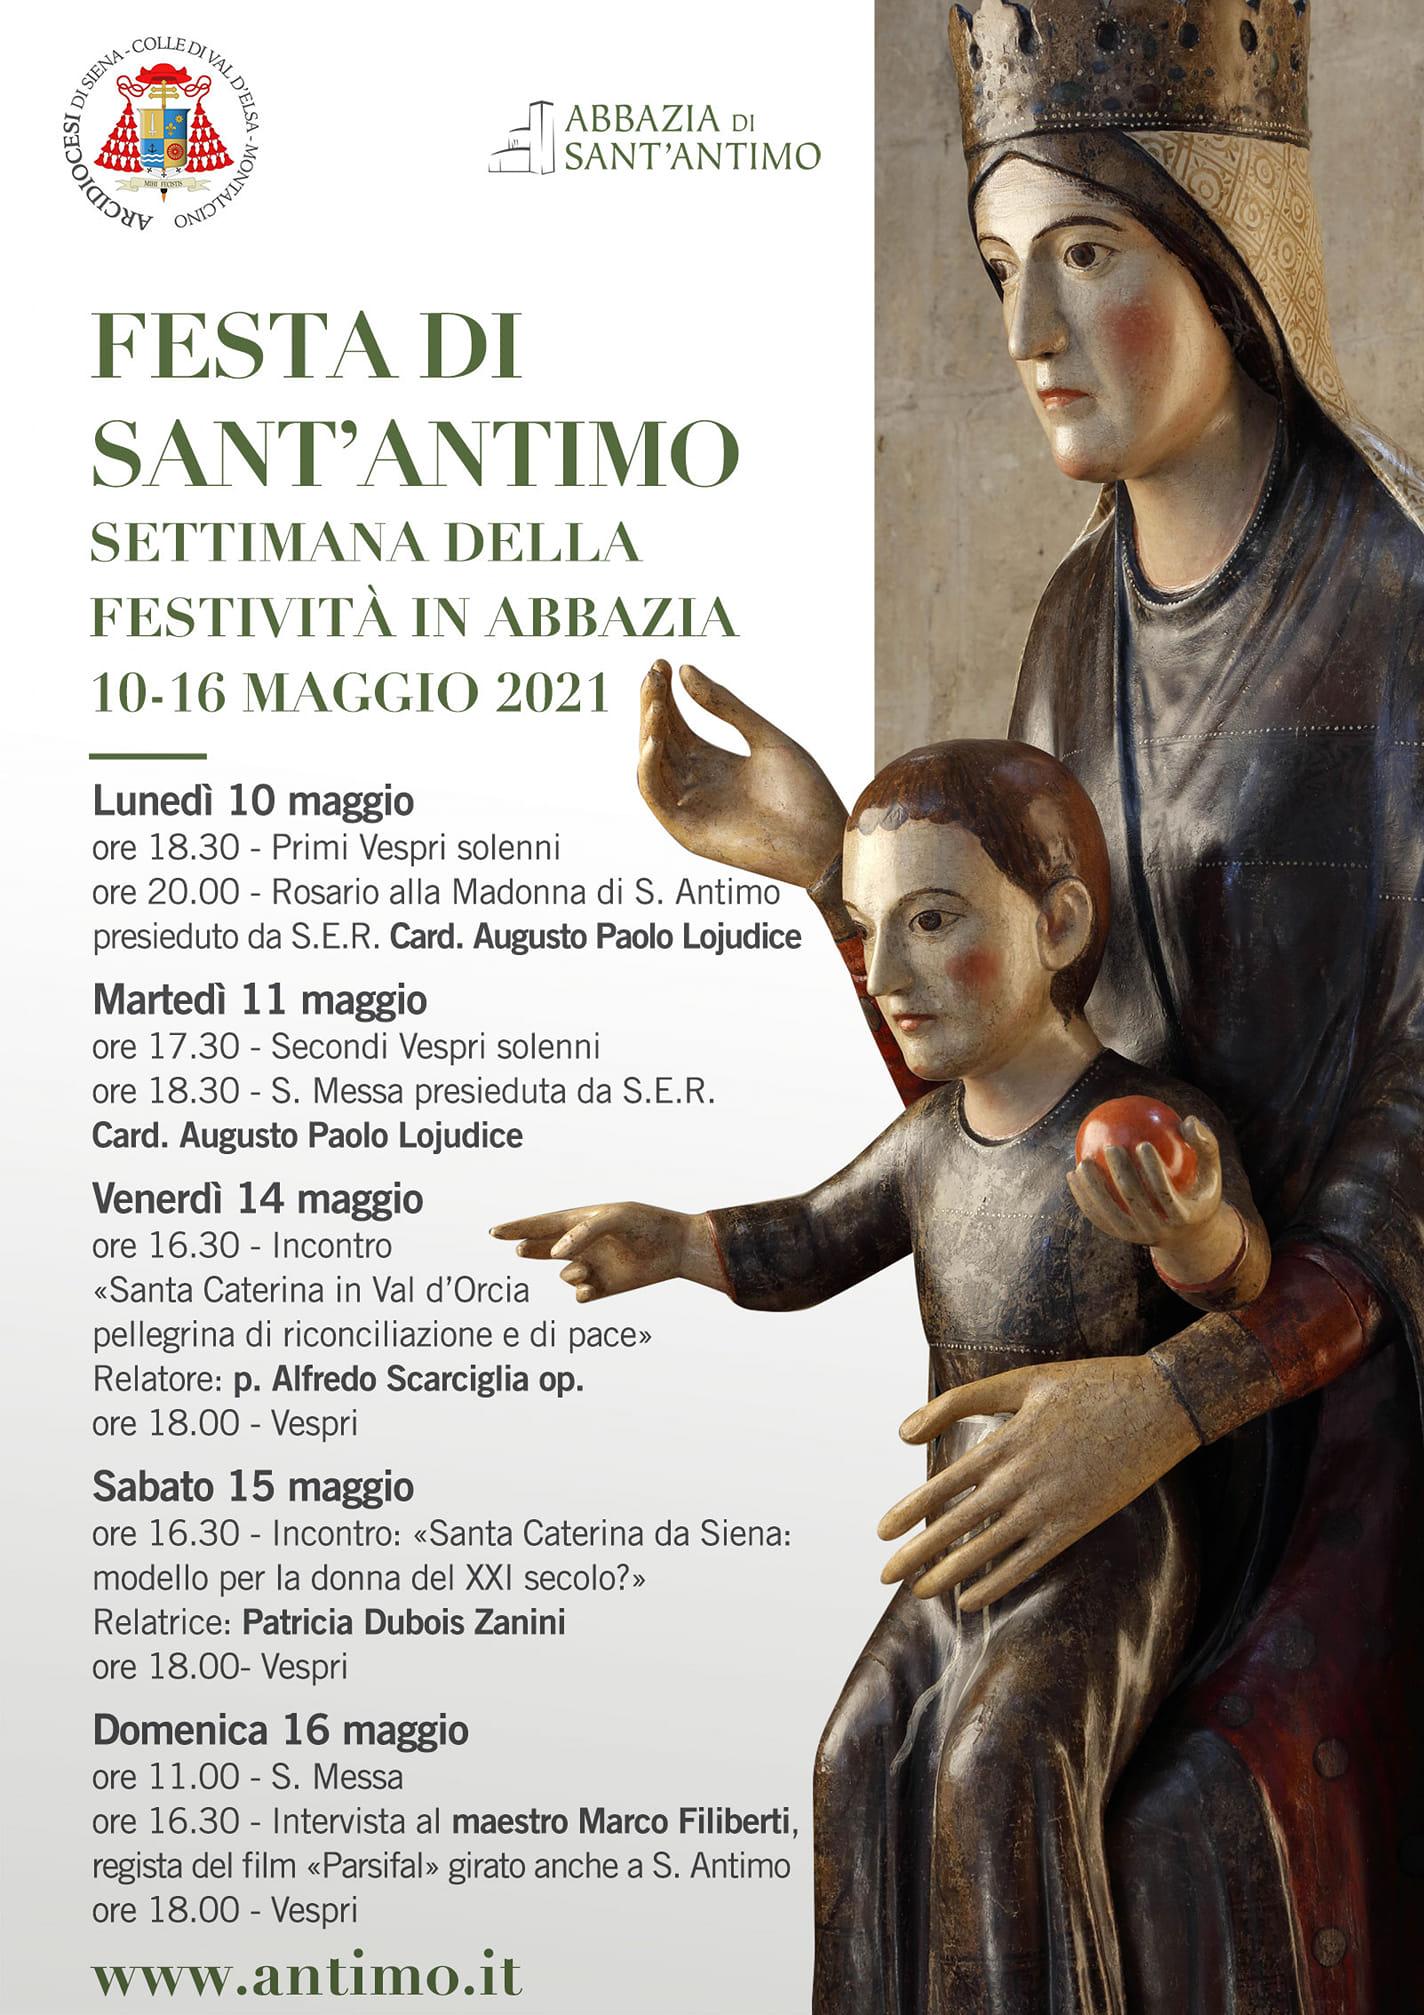 10 – 16 MAGGIO 2021 FESTA DI SANT'ANTIMO – SETTIMANA DELLA FESTIVITA' IN ABBAZIA